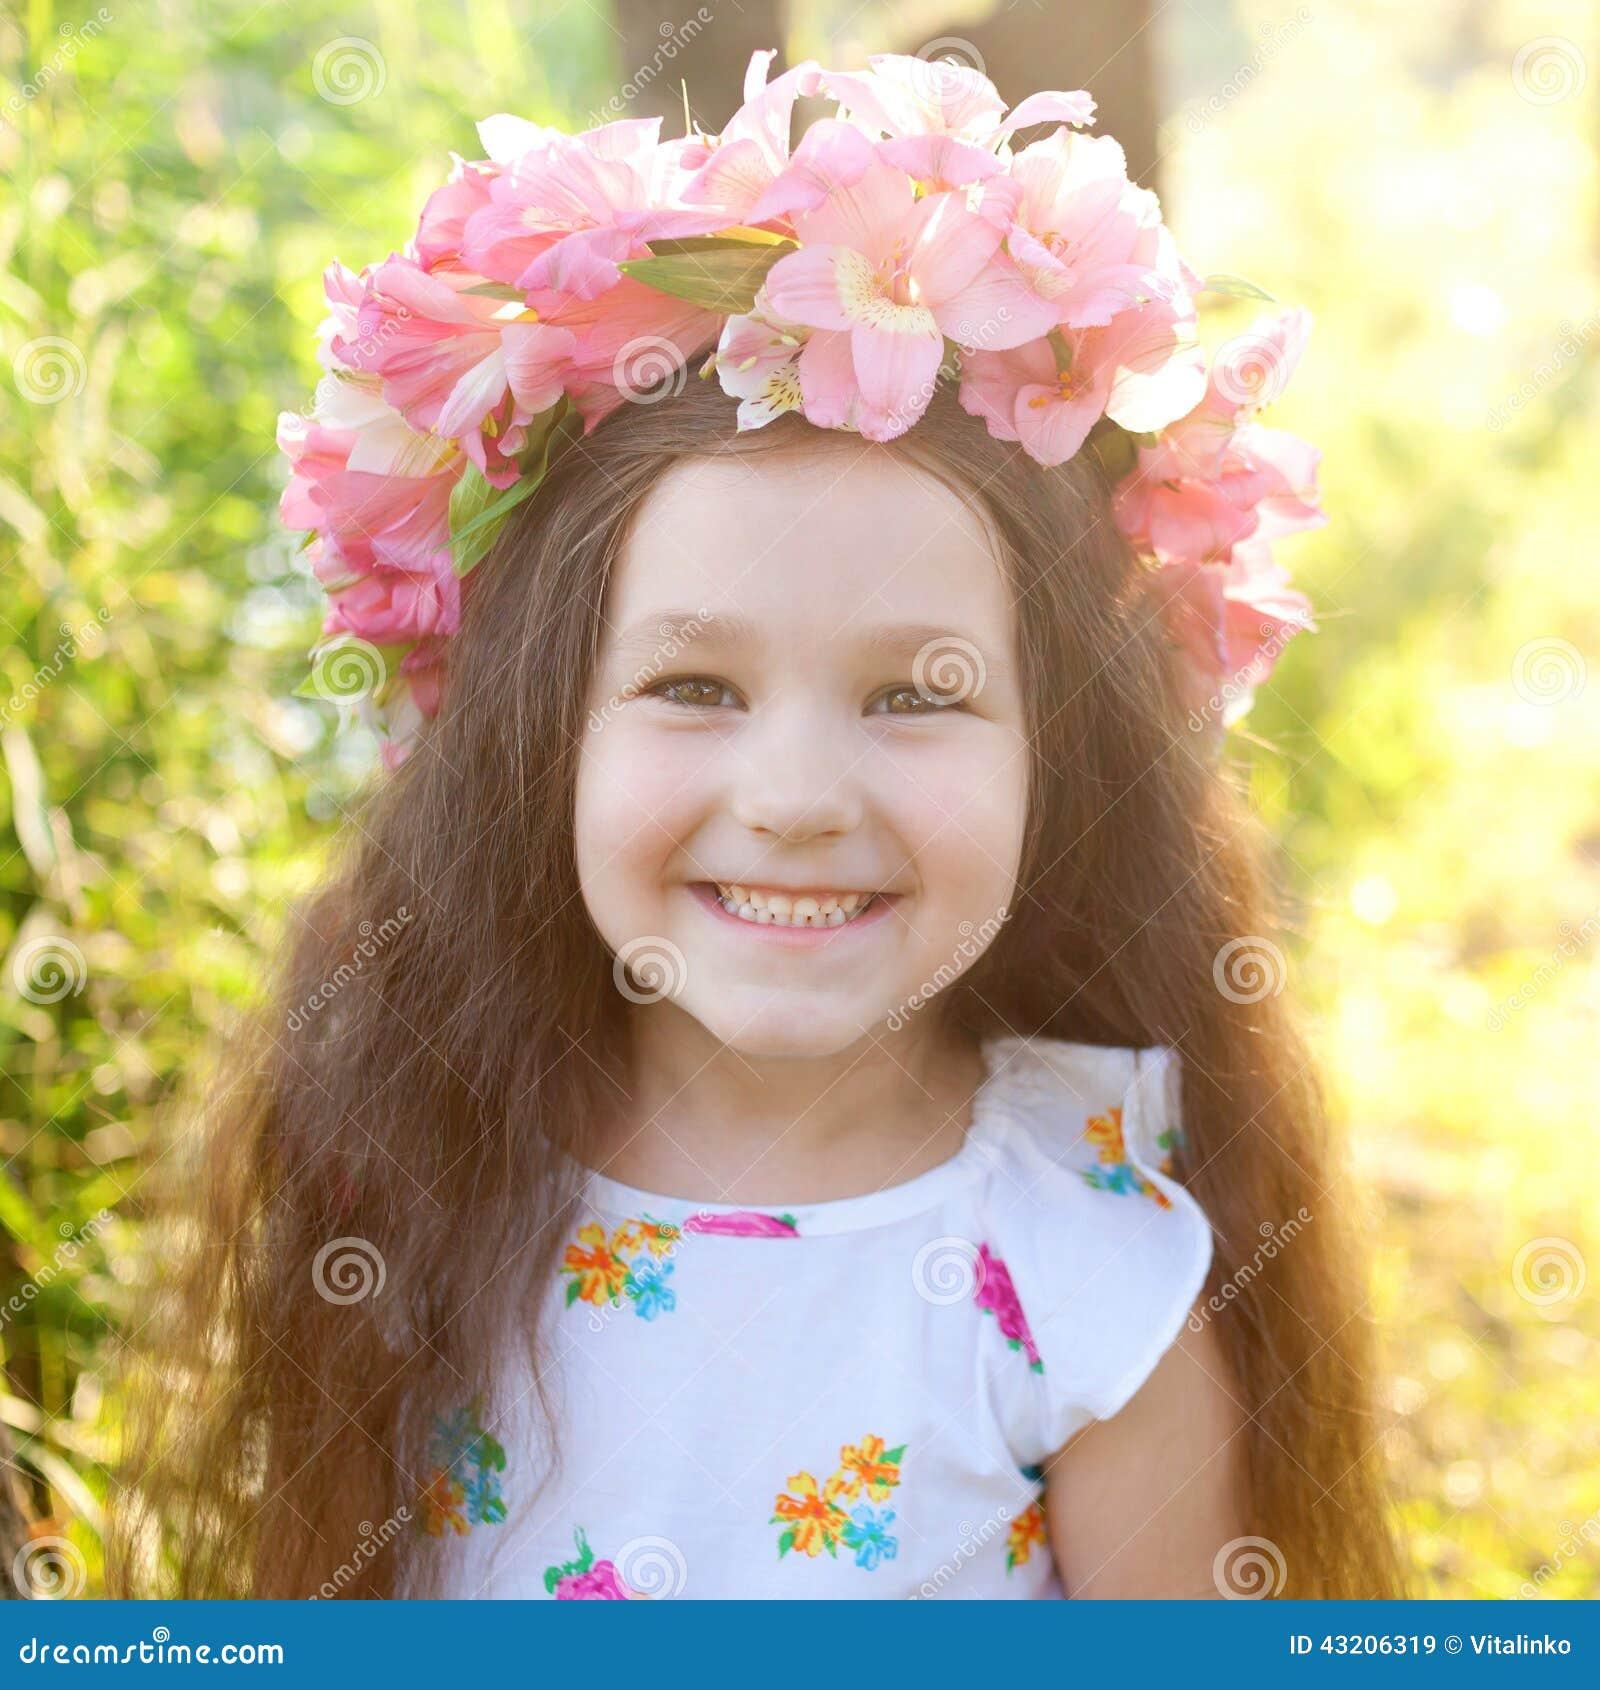 Download Stående Av Lilla Flickan I Krans Med Blommor Fotografering för Bildbyråer - Bild av glädje, barndom: 43206319